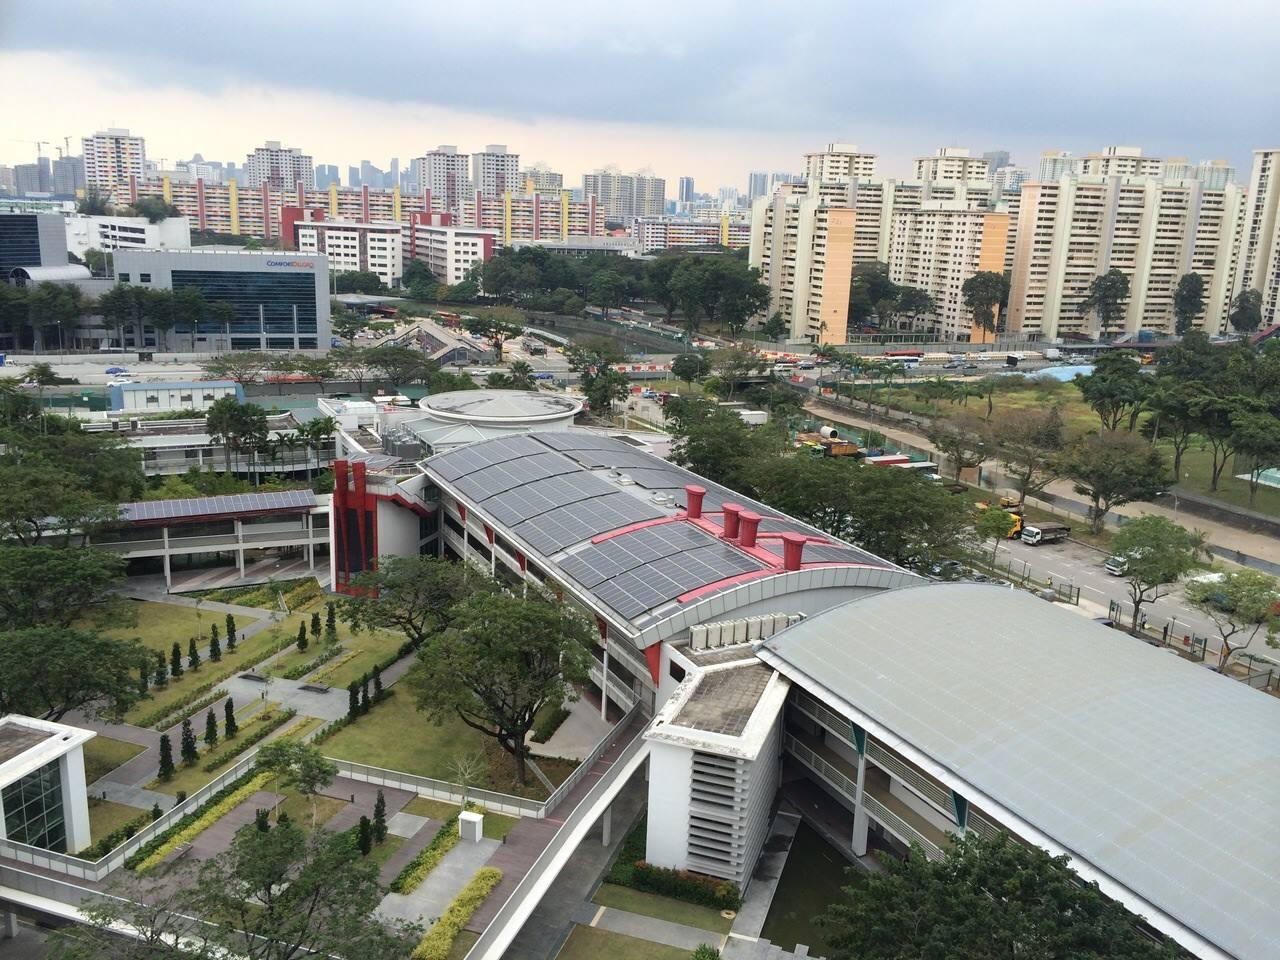 tòa nhà zeb năng lượng đỉnh cao công trình xanh của singapore